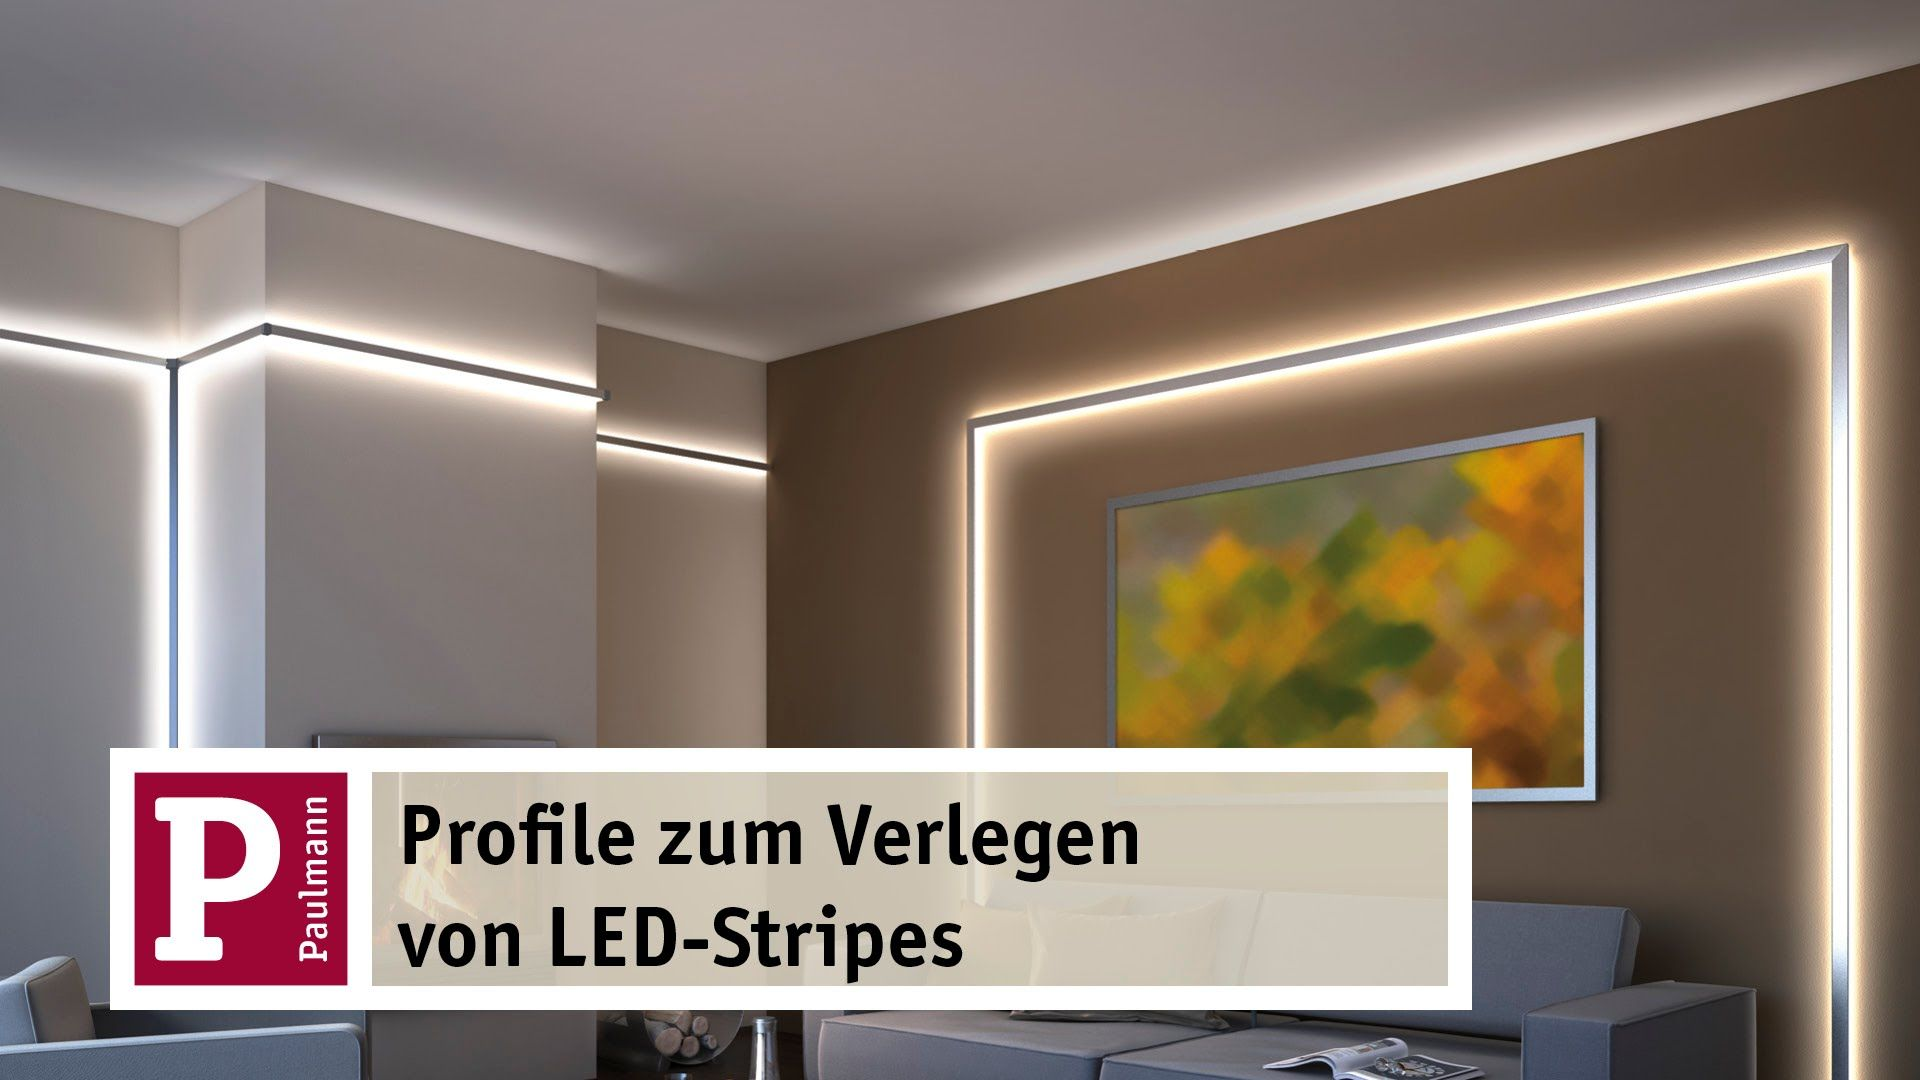 Indirektes Led Licht Yourled Strip Und Duo Und Delta Profile Led Stripes Led Licht Beleuchtung Wohnzimmer Decke